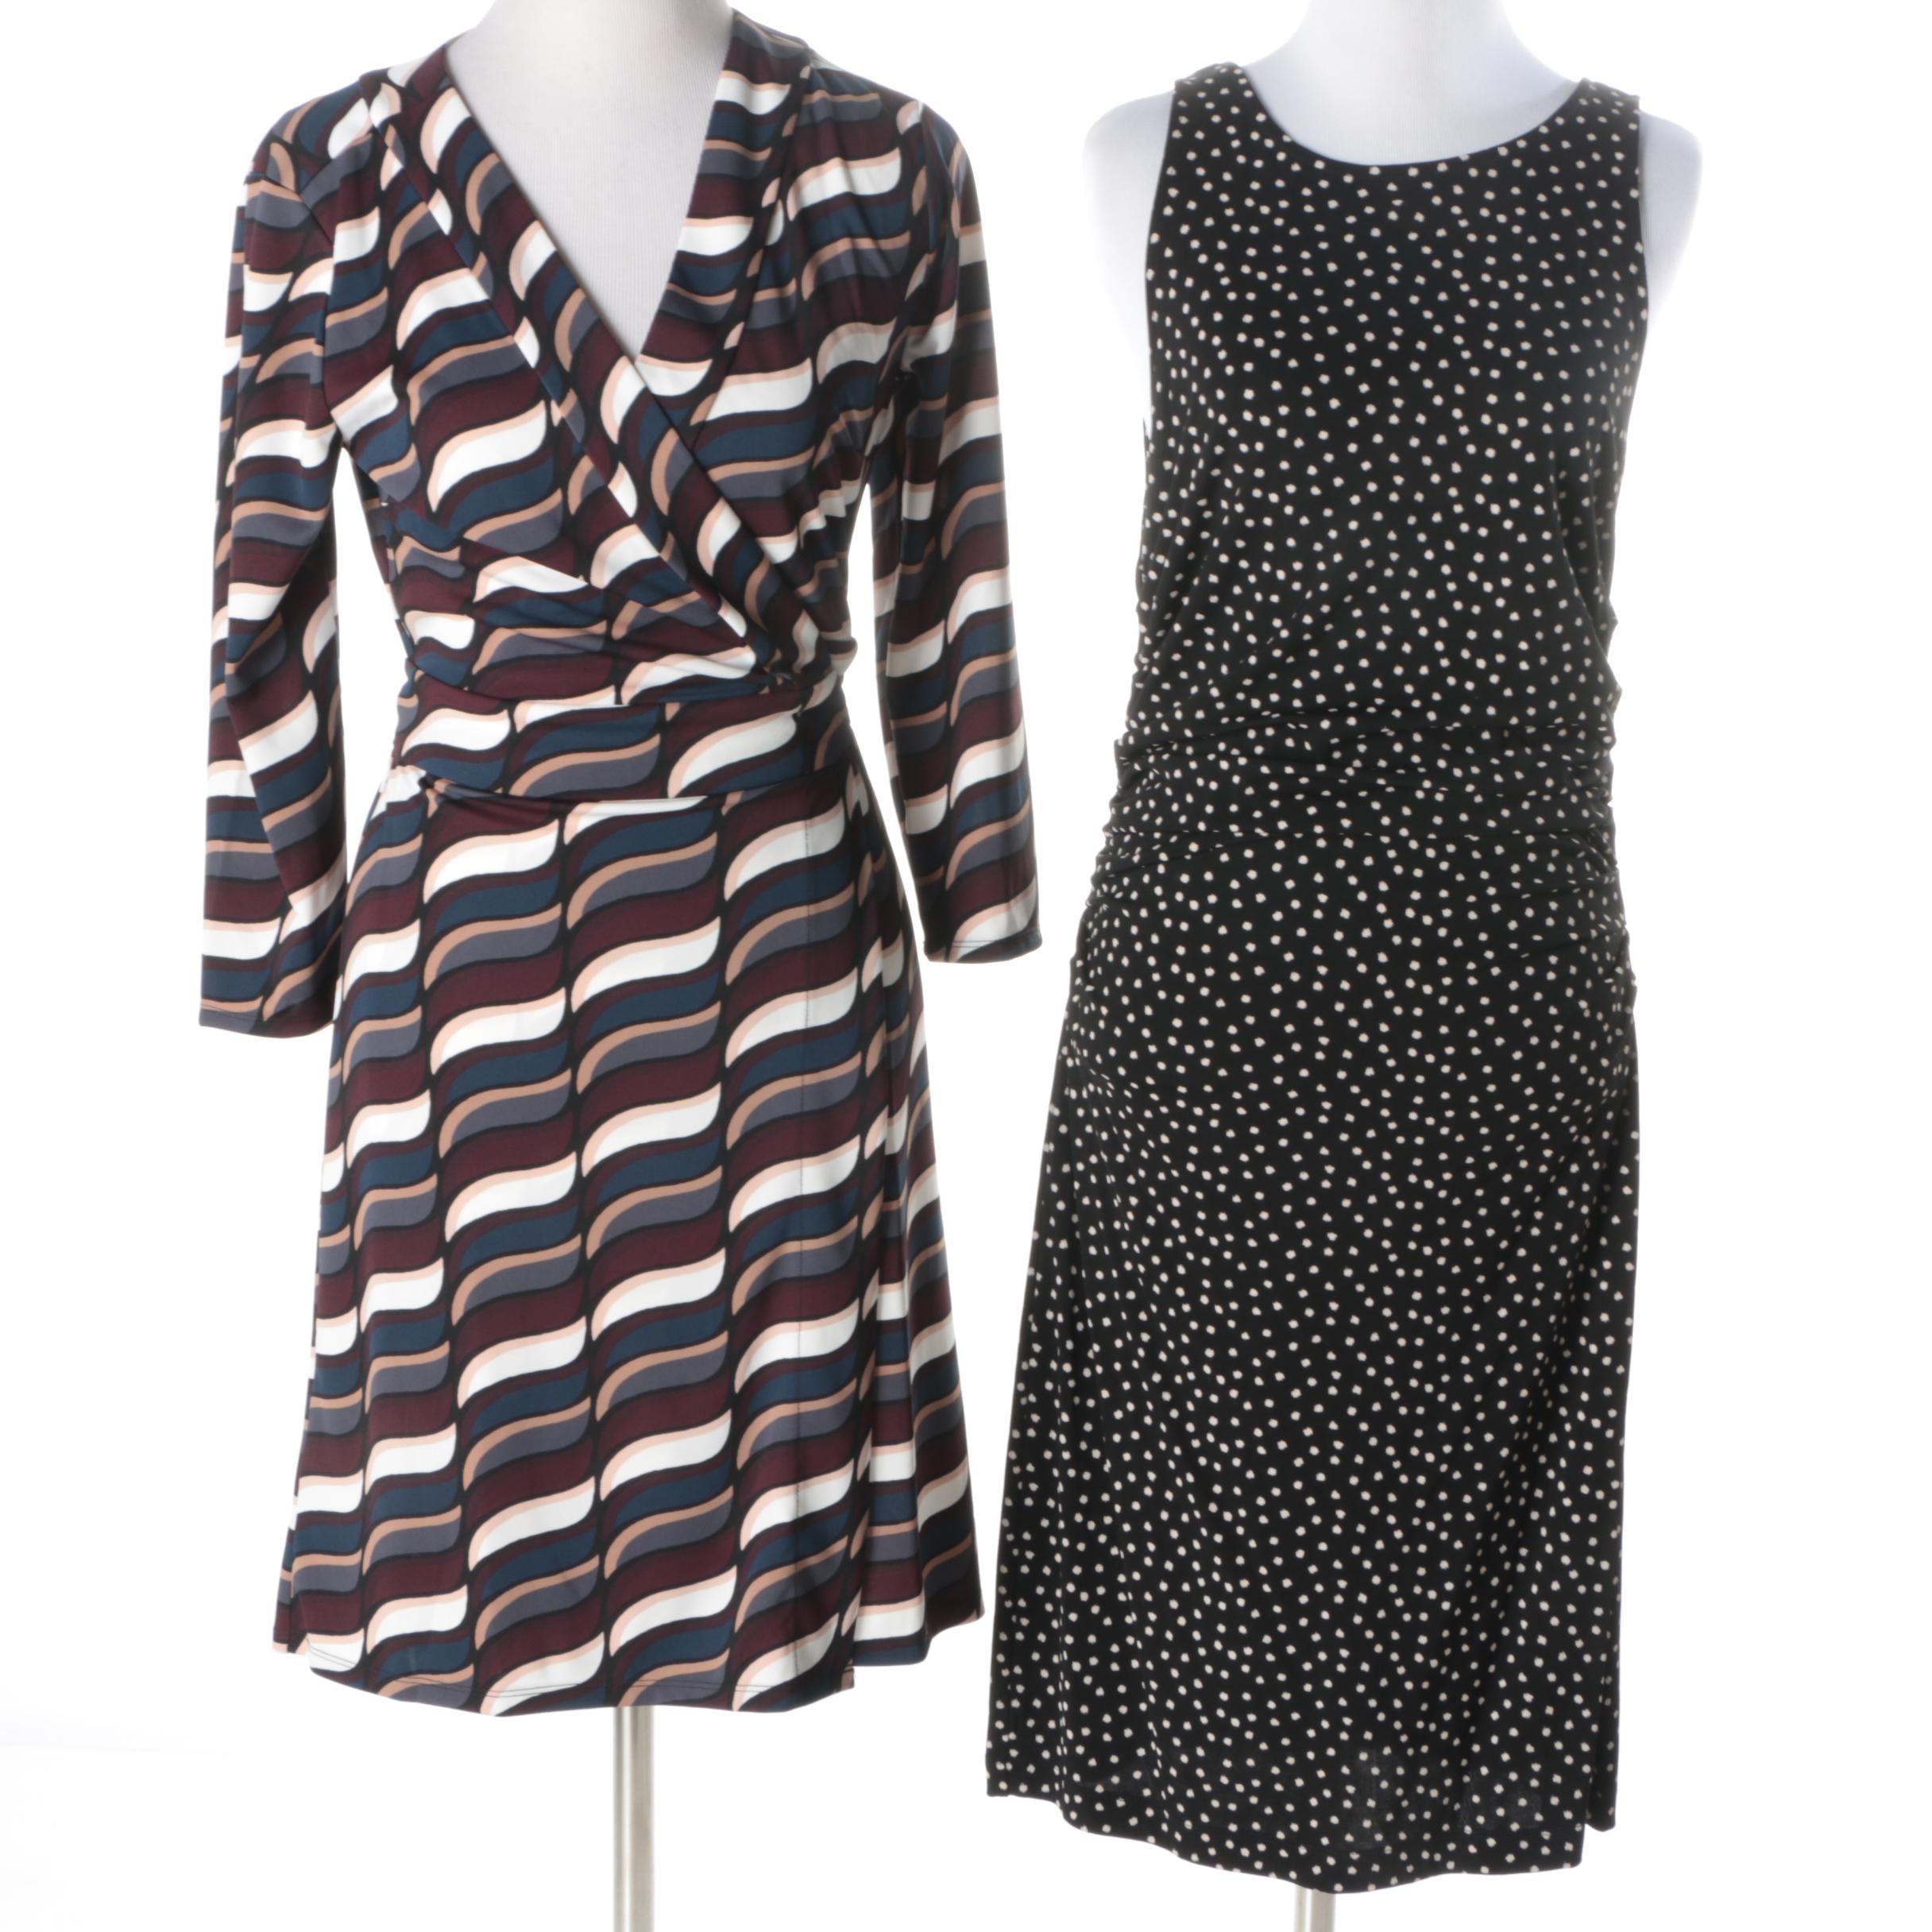 Ann Taylor Printed Dresses